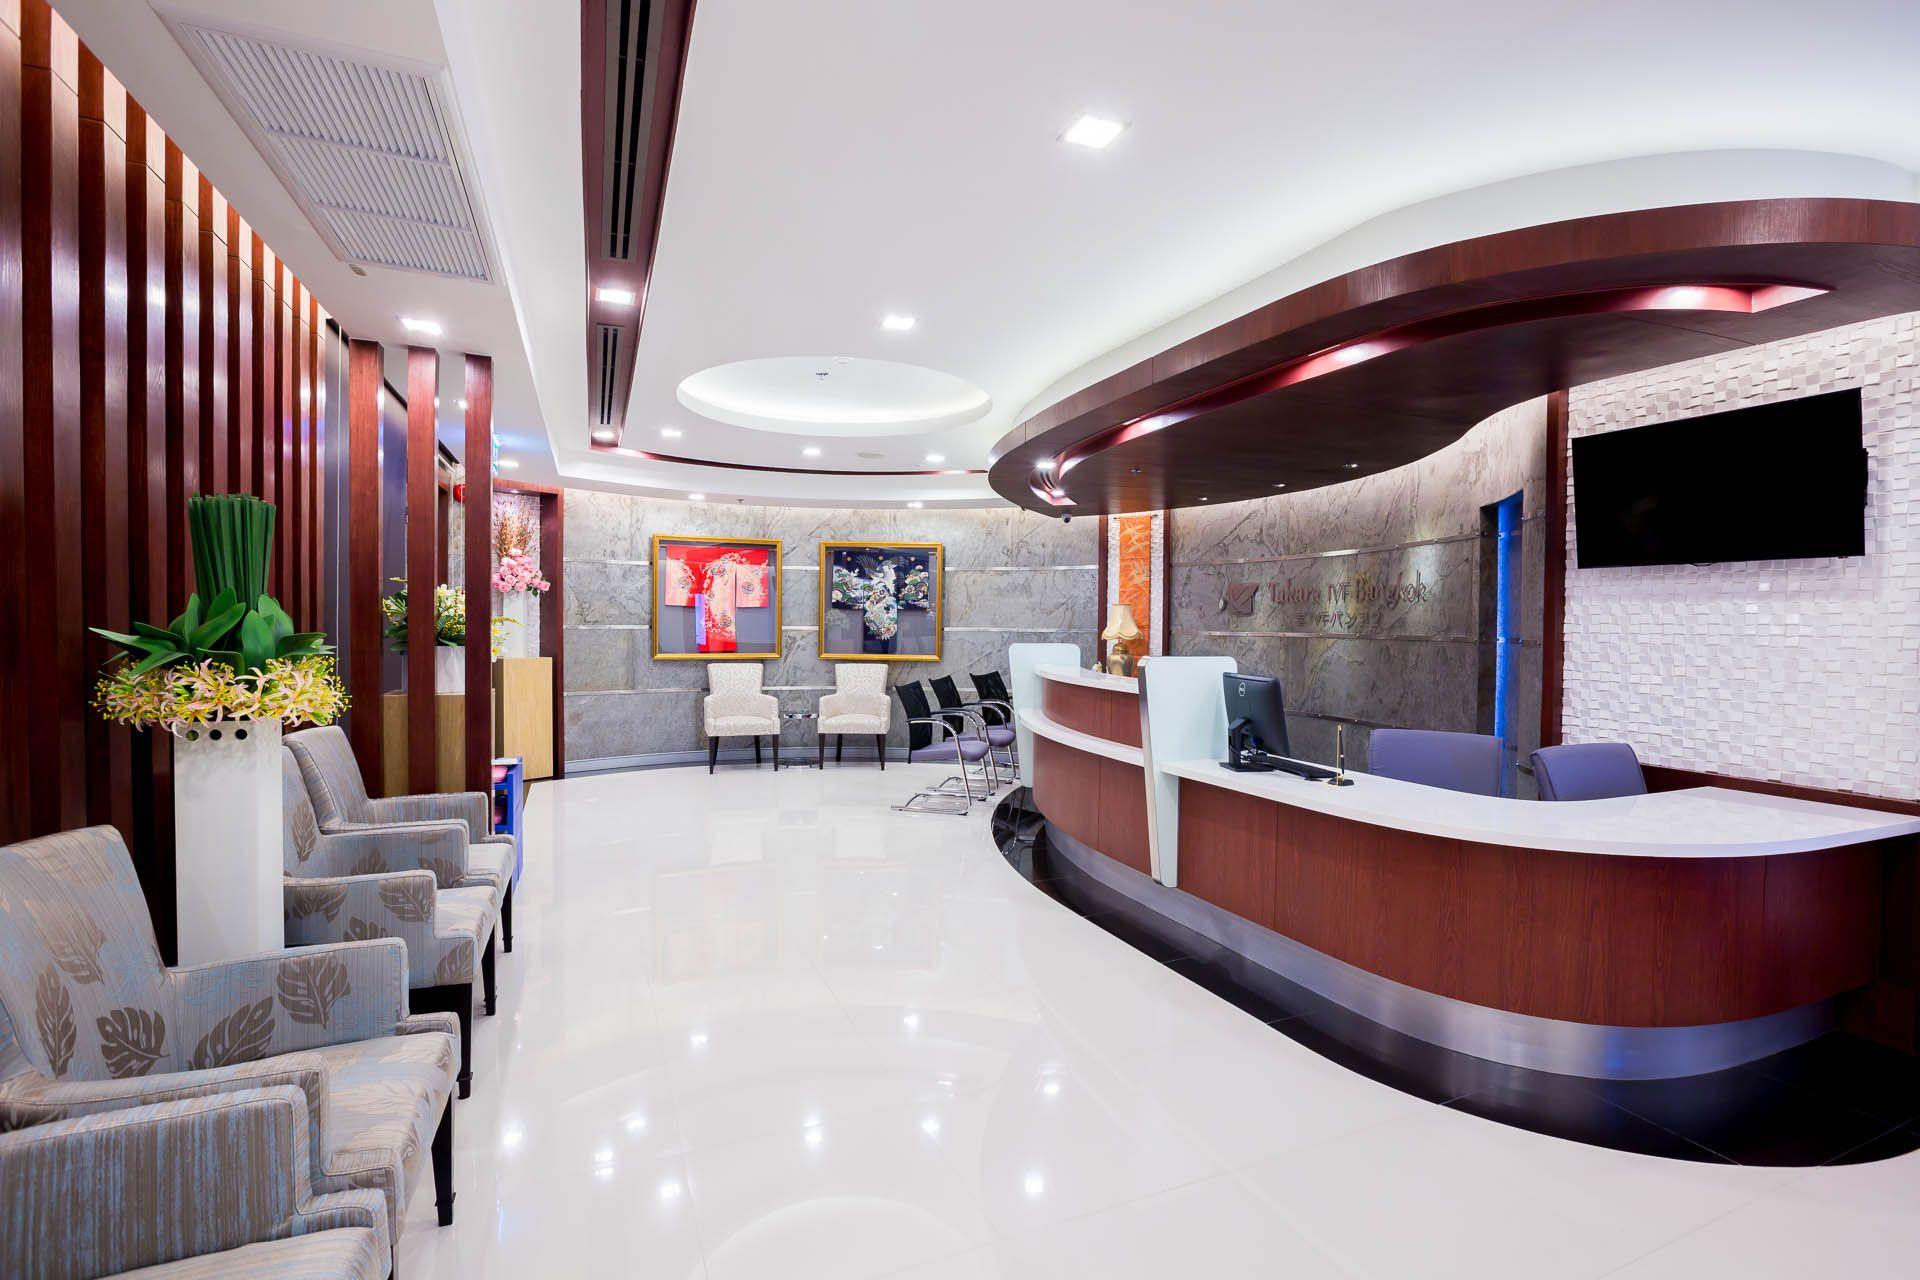 Takara IVF Bangkok